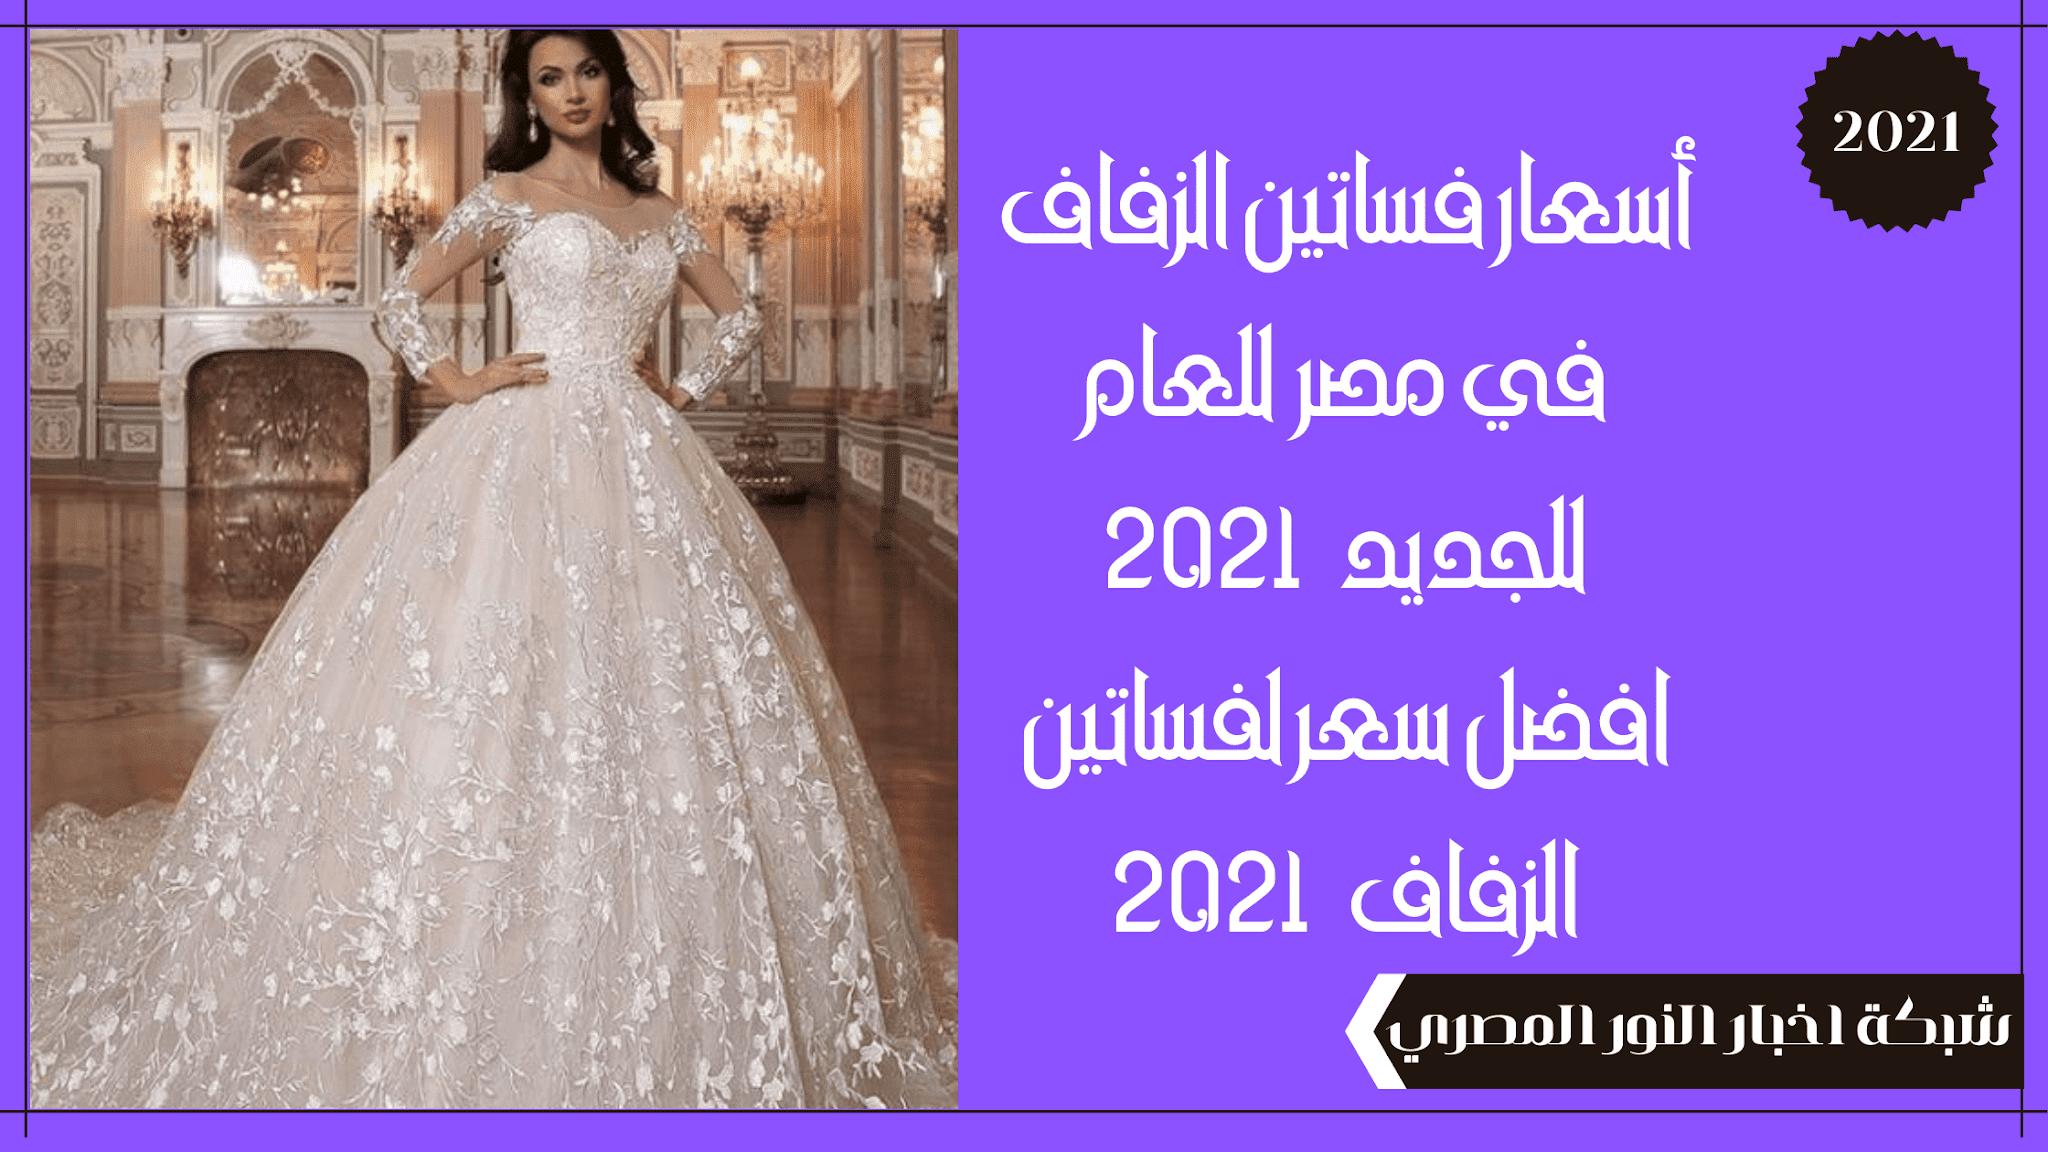 تحديث | أسعار فساتين الزفاف الجديدة والايجار في مصر للعام للجديد 2021 - افضل سعر لفساتين الزفاف 2021 | اسعار الفستان في مصر | اسعار فساتين الزفاف و الخطوبة 2021